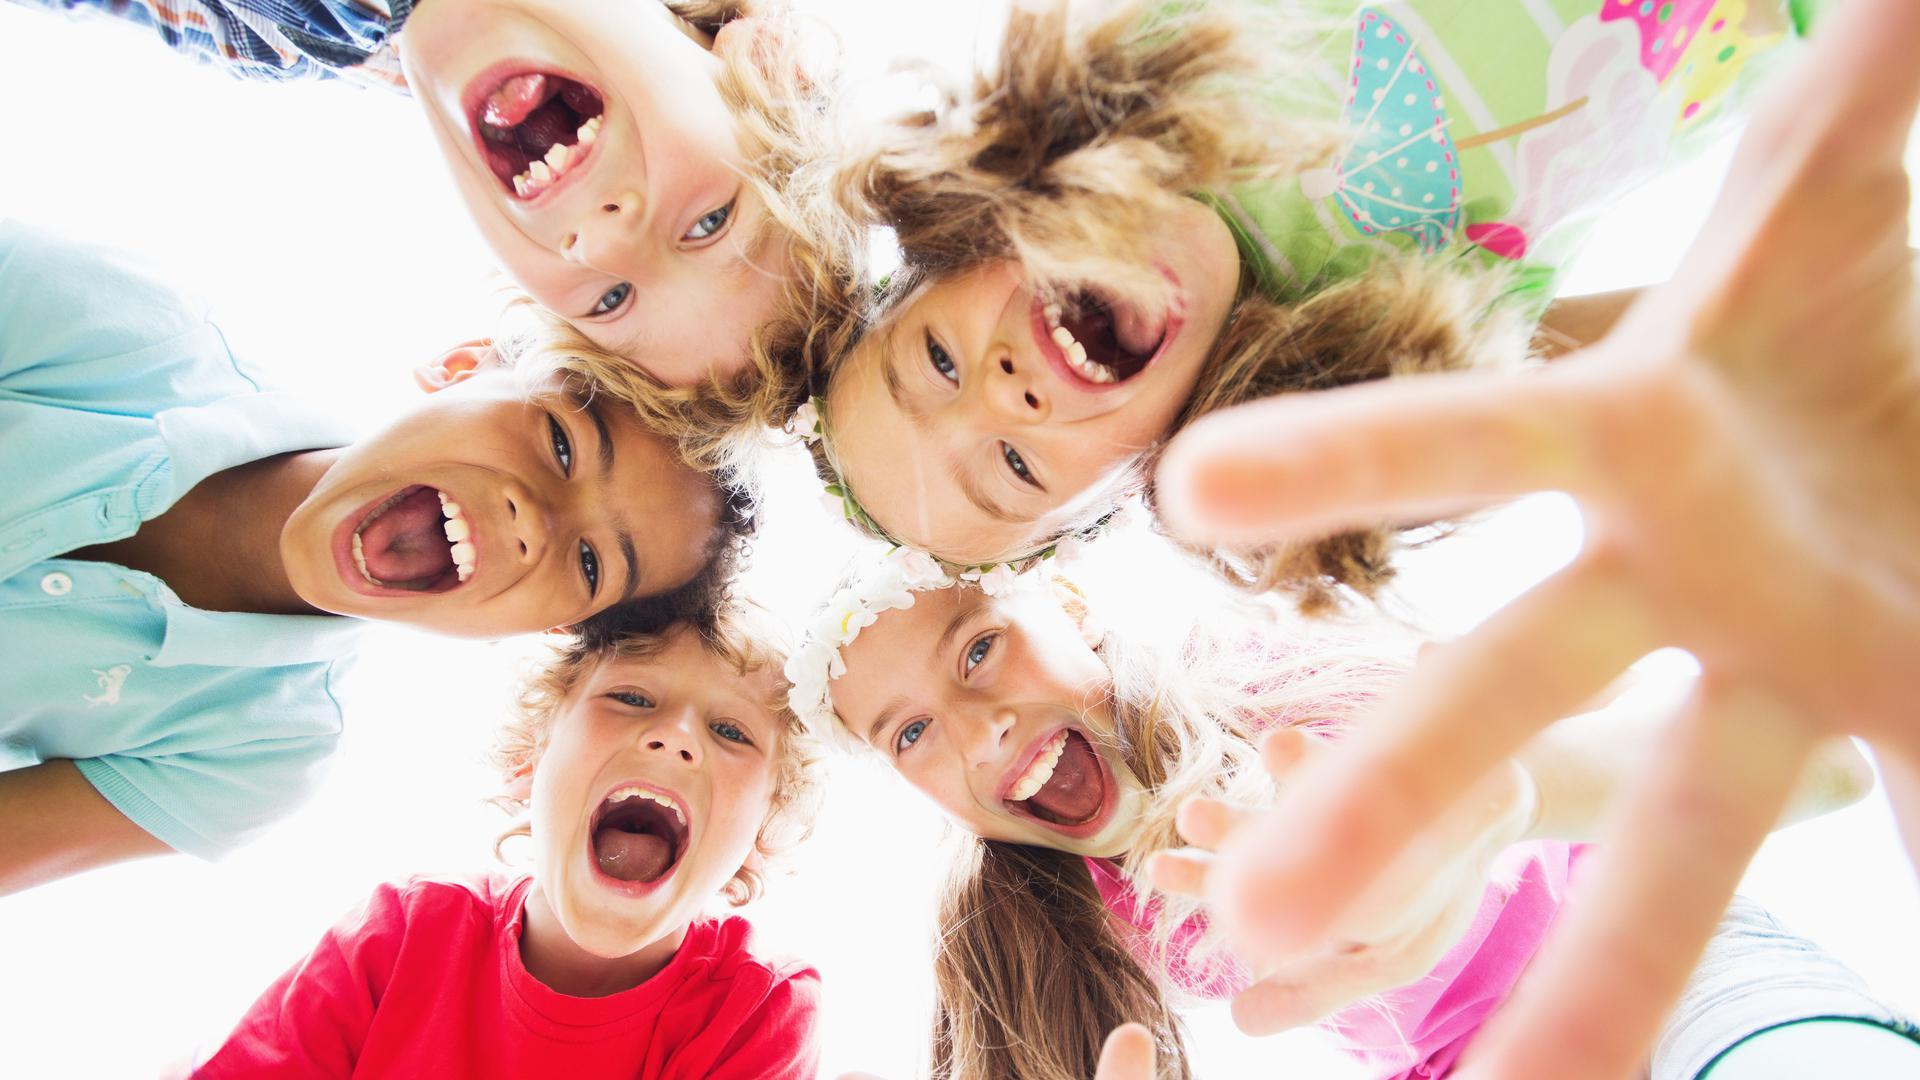 Ein Bund fürs Leben: Kinder schließen schnell Freundschaften. Doch auch im fortgeschrittenen Alter lassen sich Seelenverwandte finden.